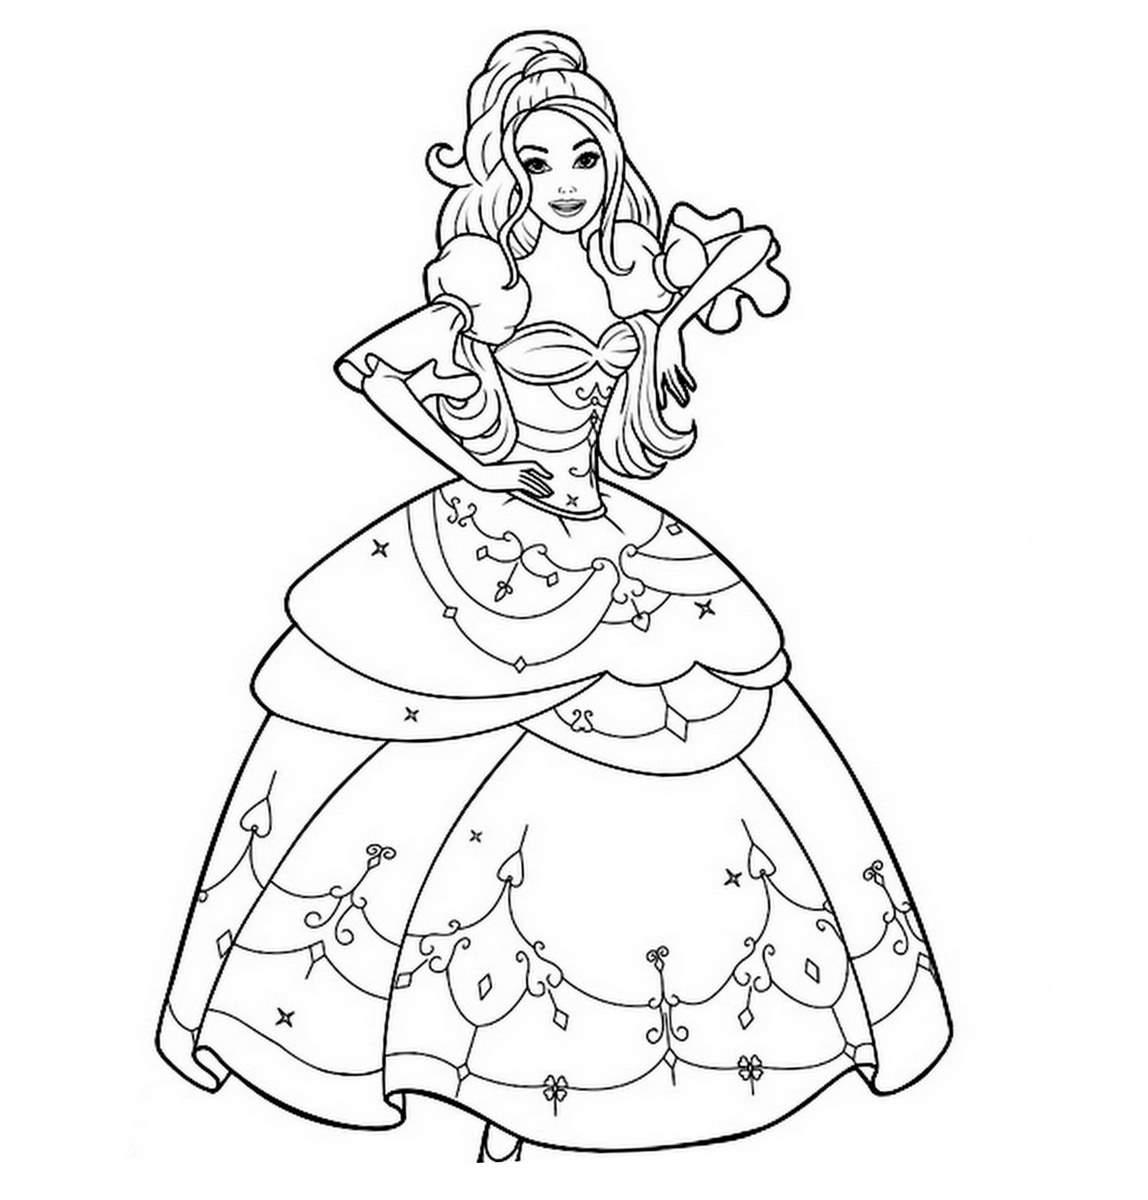 Imprimer le coloriage : Princesse